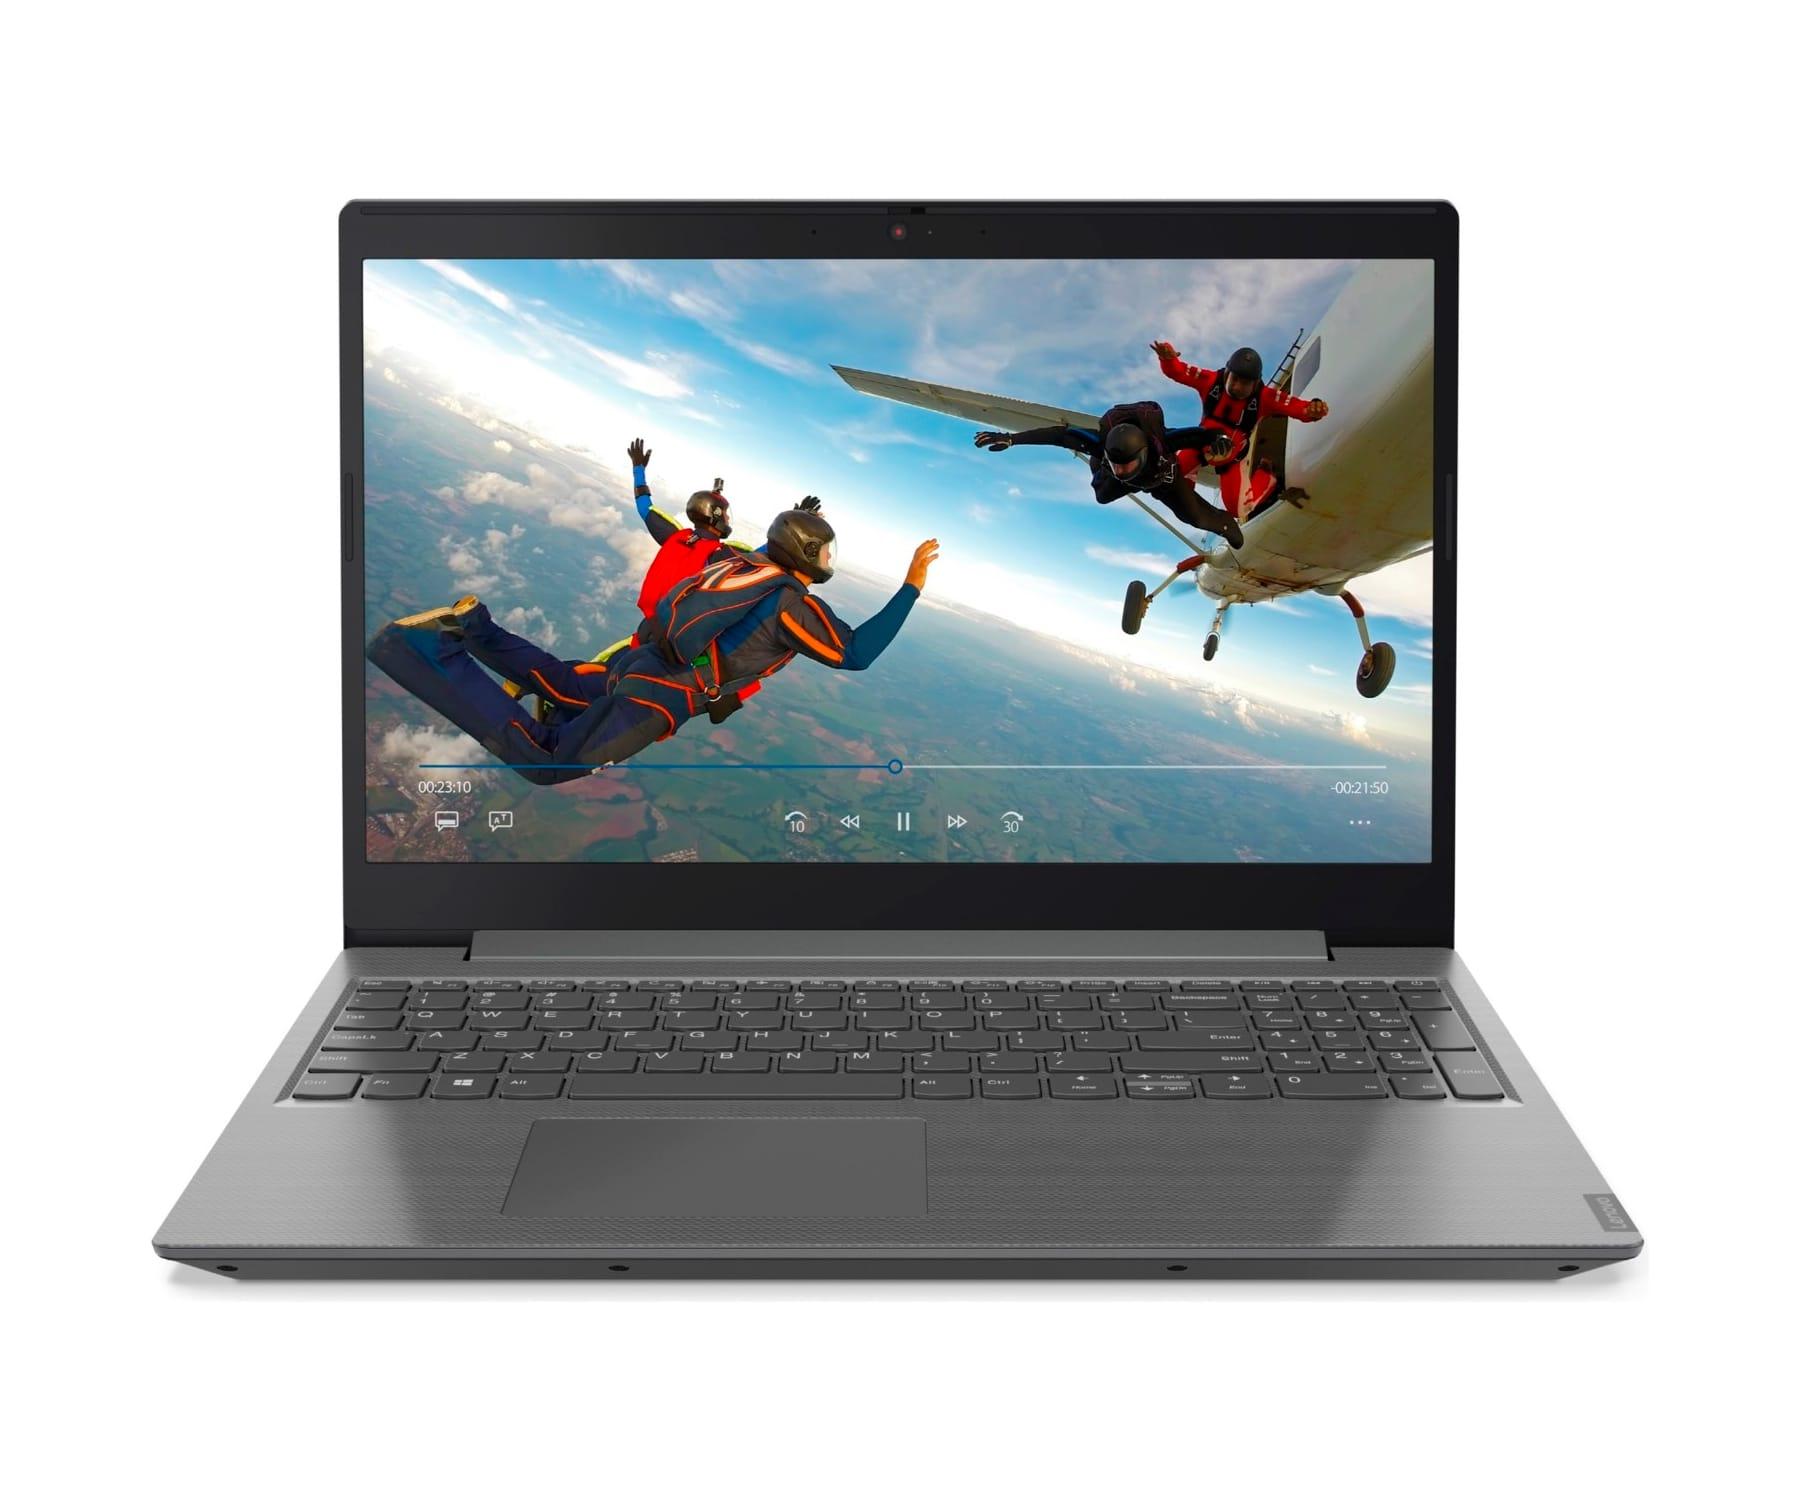 LENOVO V15-IIL GRIS PORTÁTIL 15.6'' FHD i3-1005G1 256GB SSD 8GB RAM FREEDOS